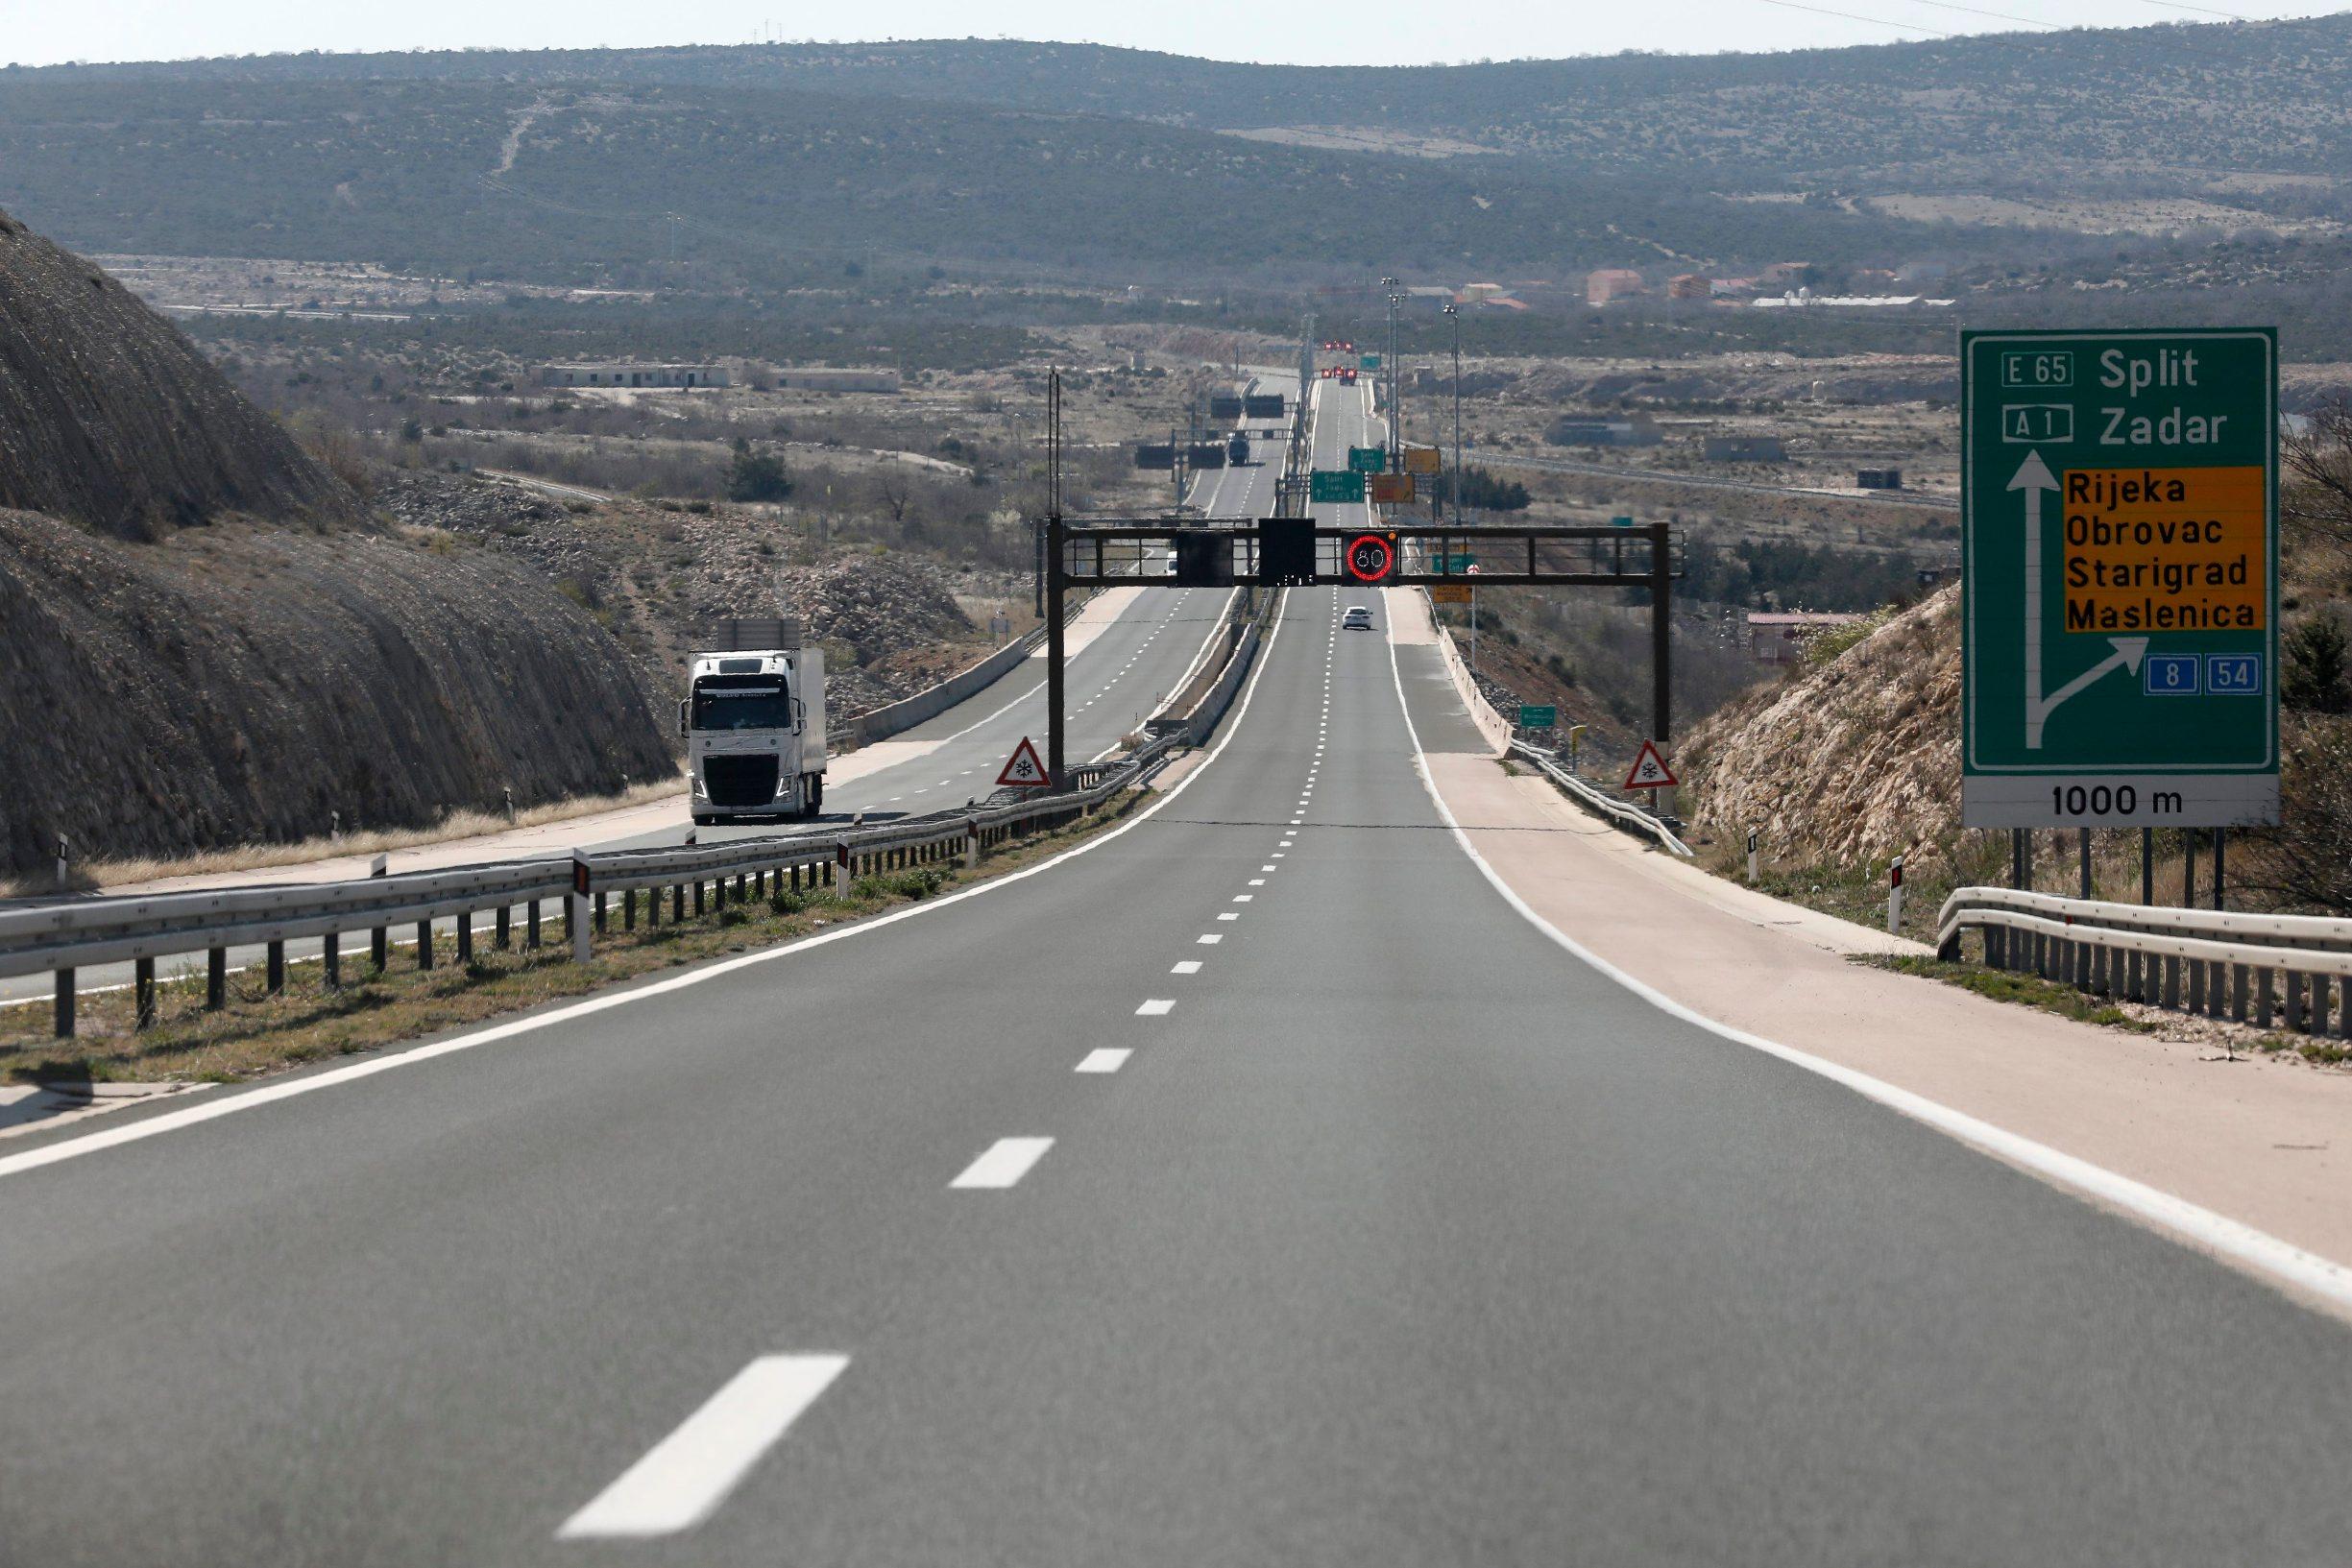 Jasenice, 010420. Reportaza sa autoceste A1 Zagreb Split u vrijeme ogranicnog kretanja zbog koronavirusa. Na fotografiji: Maslenicki most. Foto: Tomislav Kristo / CROPIX